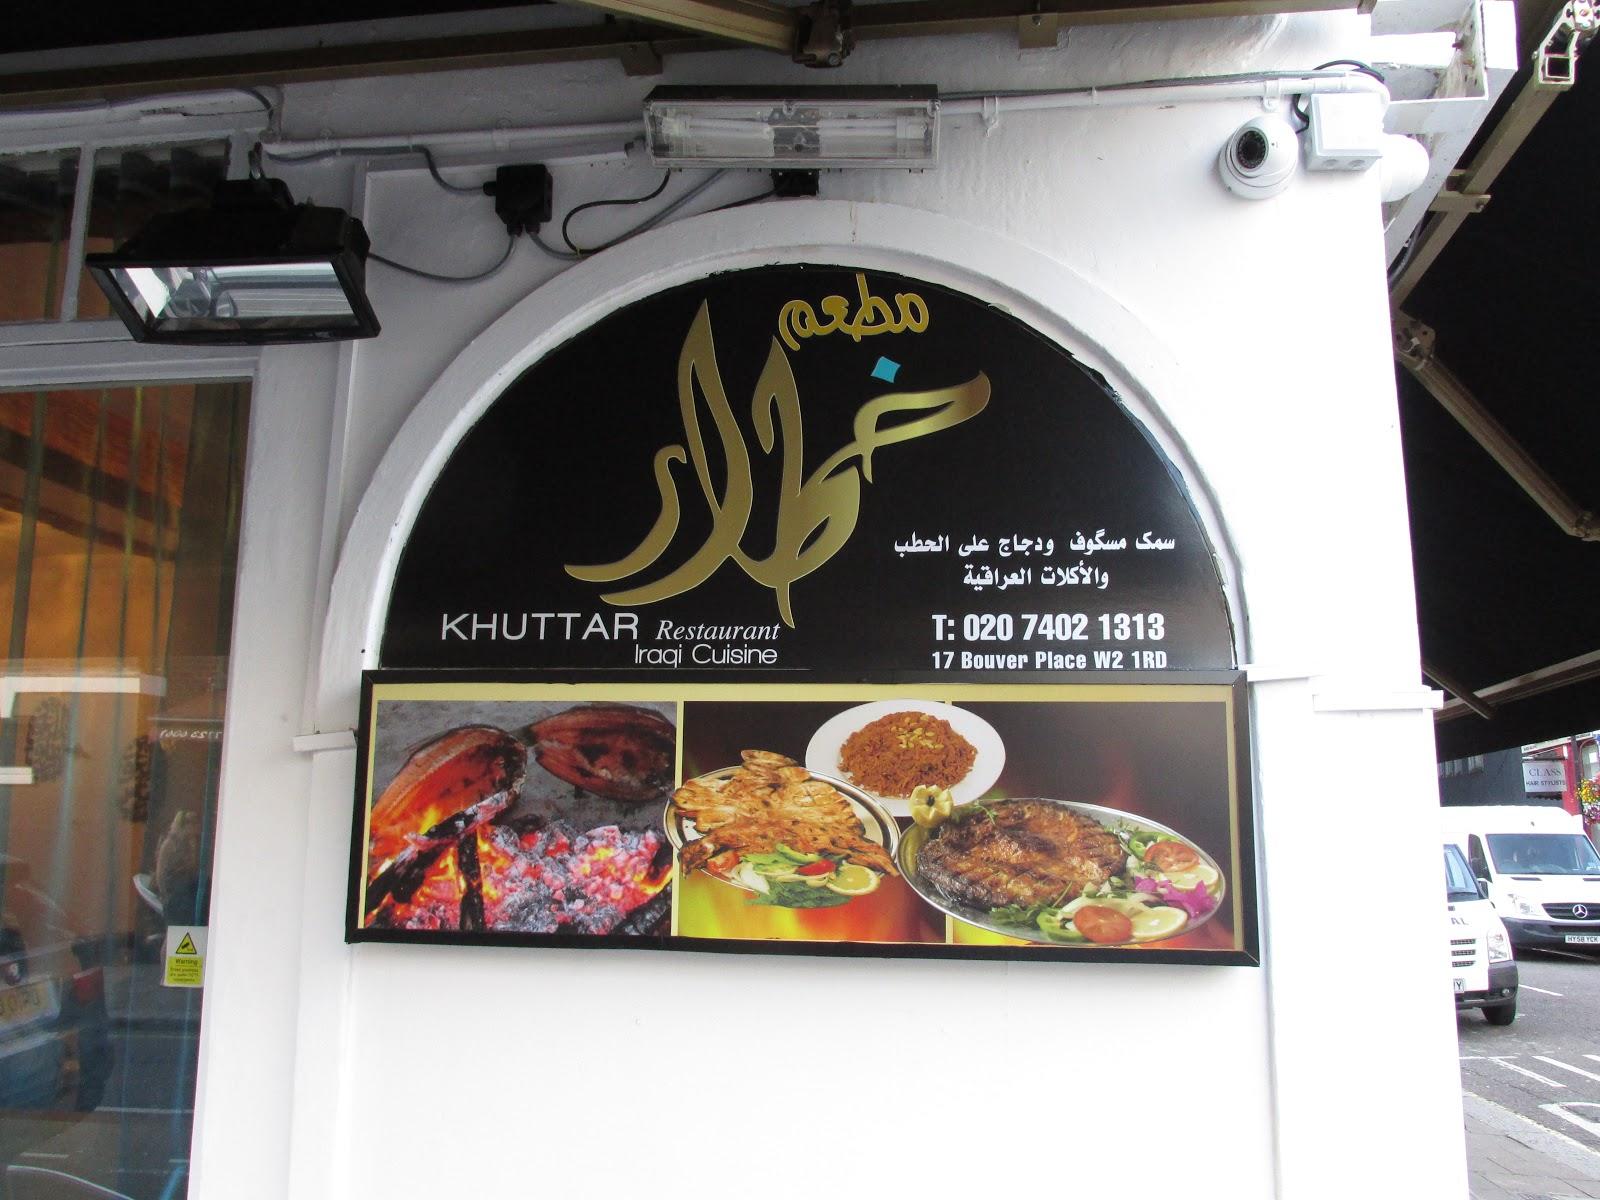 المطاعم العراقية في لندن تزداد شعبية والخطار يتالق \ رياض القاضي